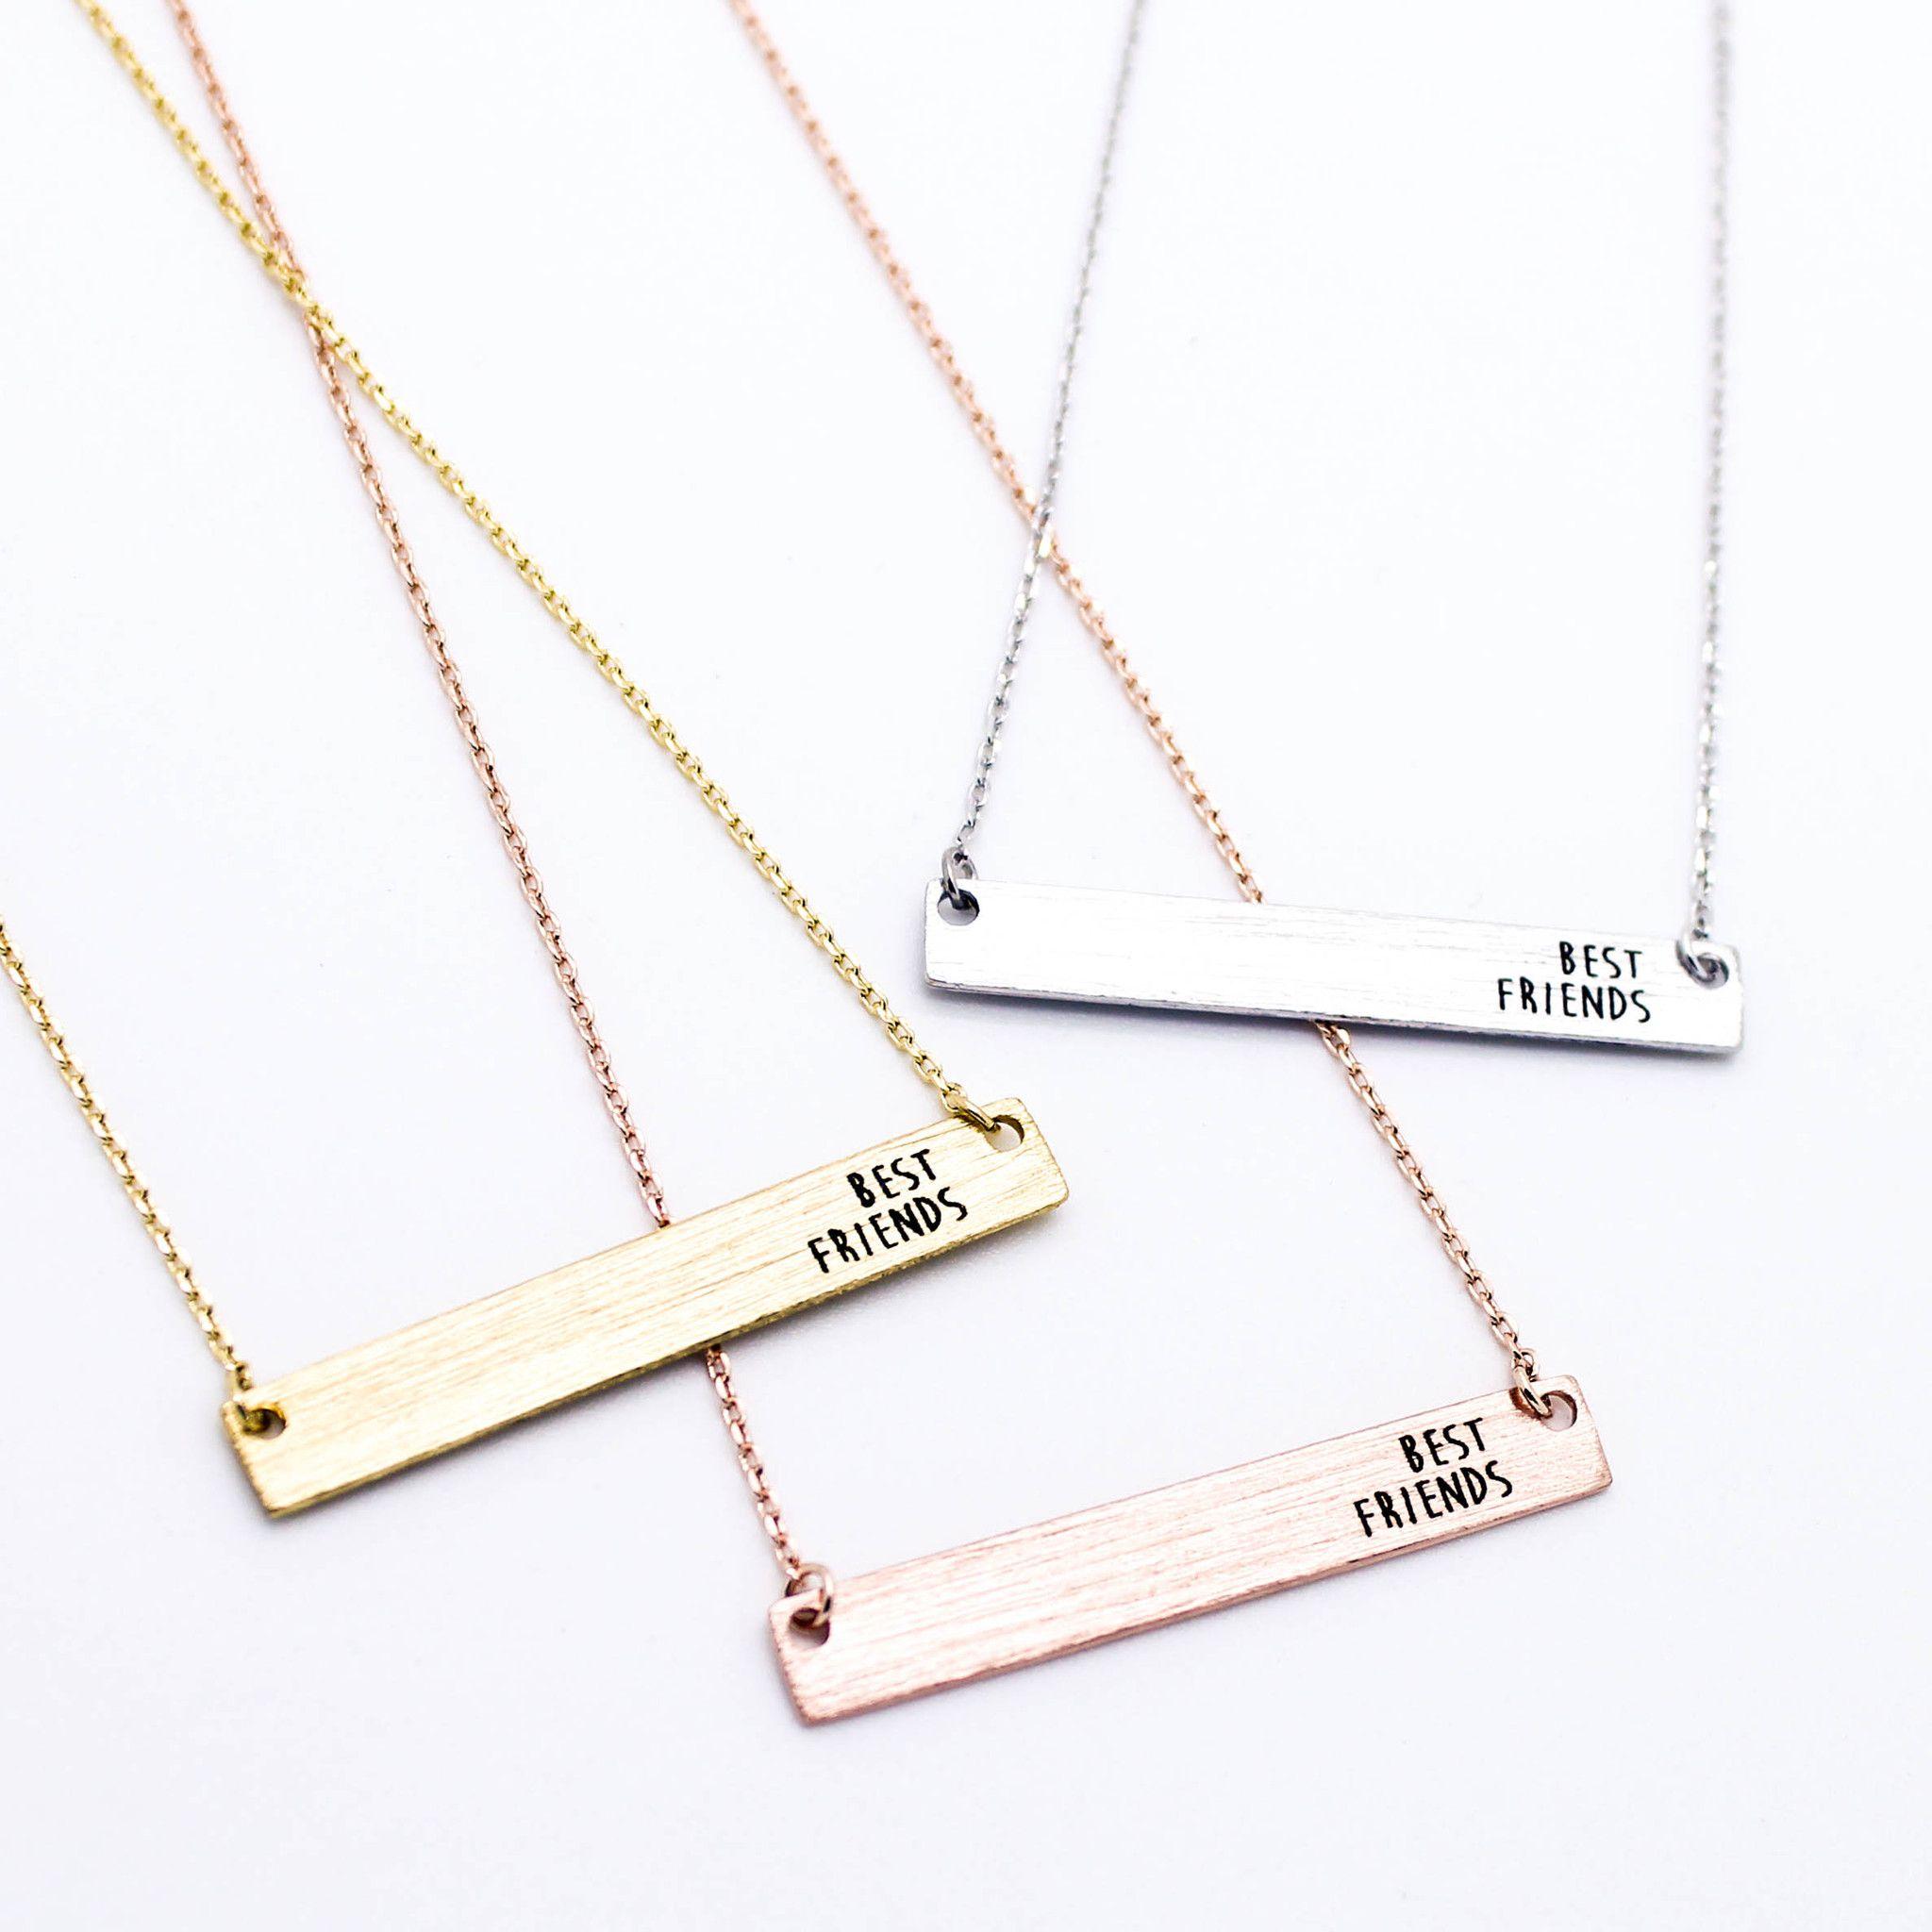 Best Friends necklace 3 colors